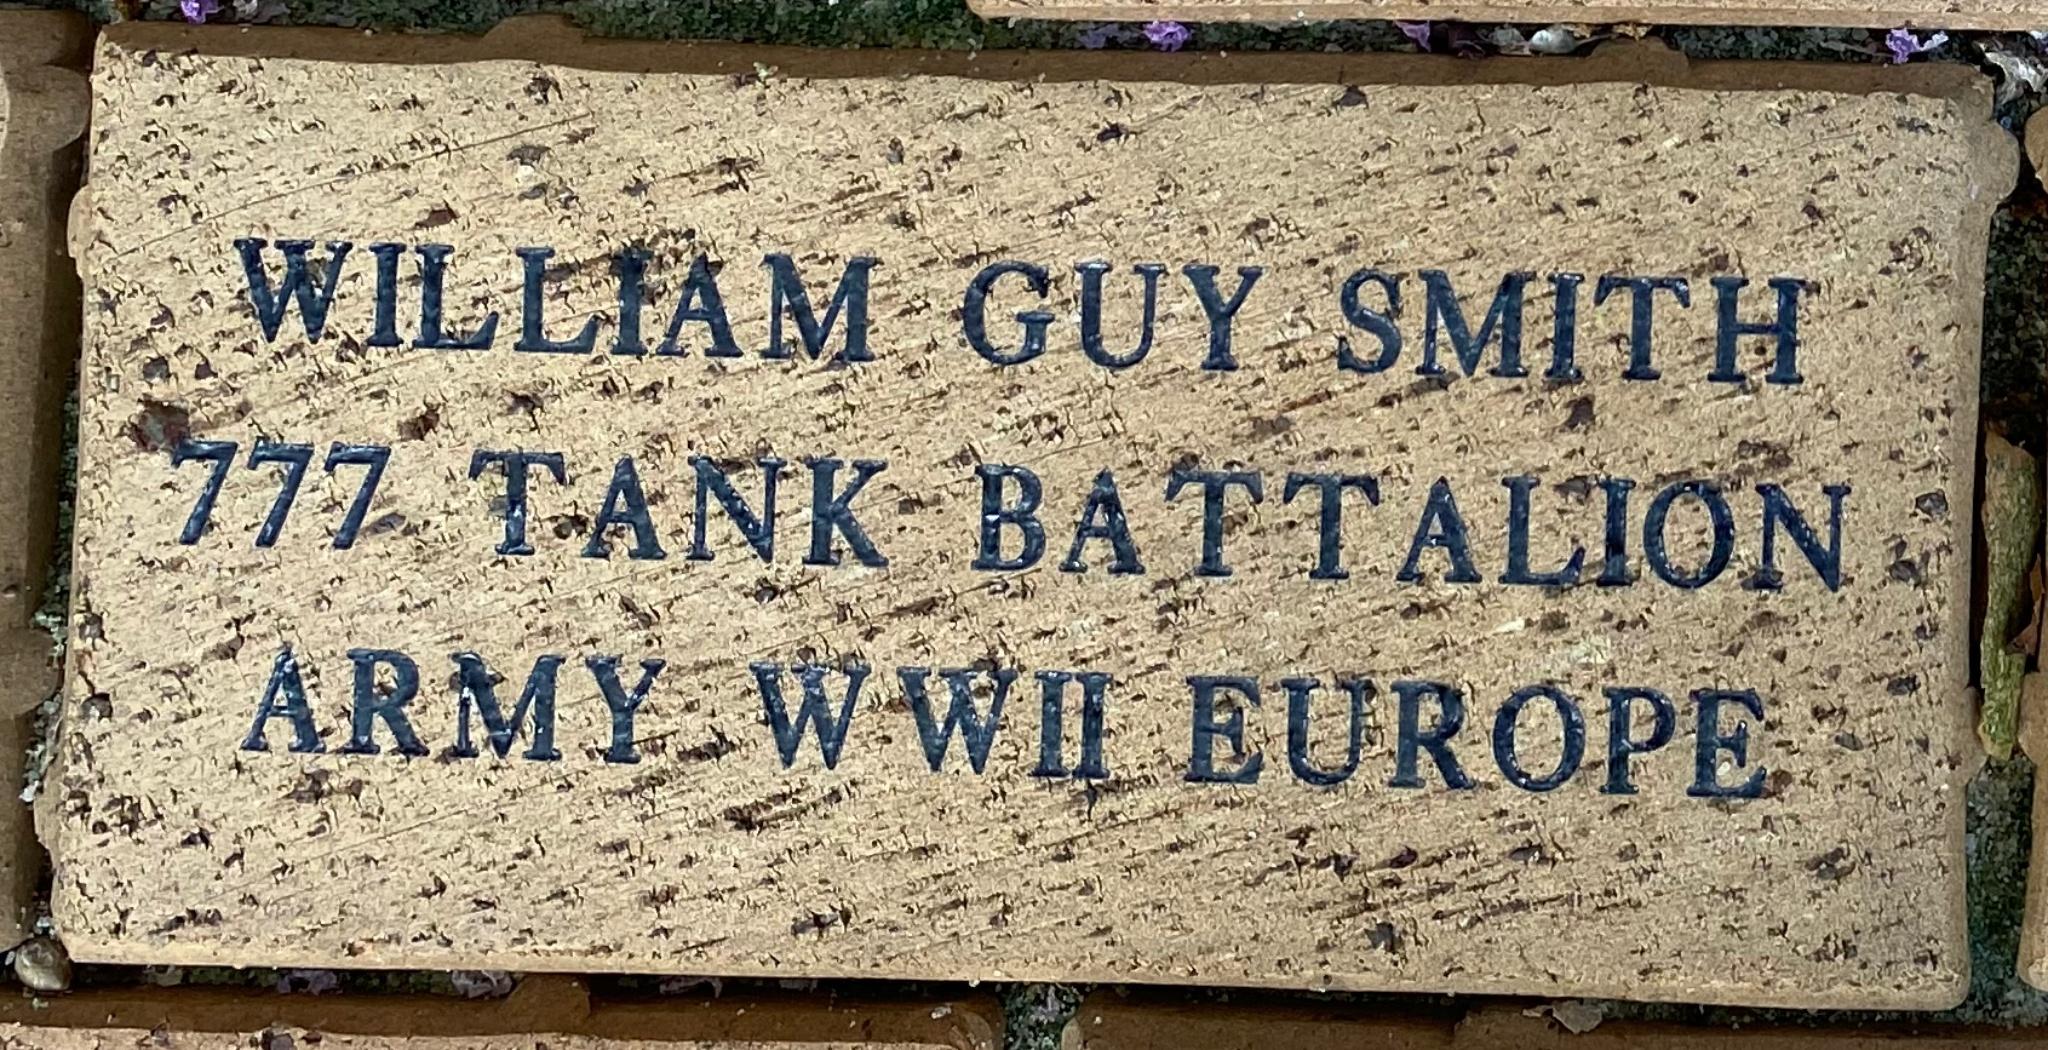 WILLIAM GUY SMITH 777 TANK BATTALION ARMY W.W.II EUROPE